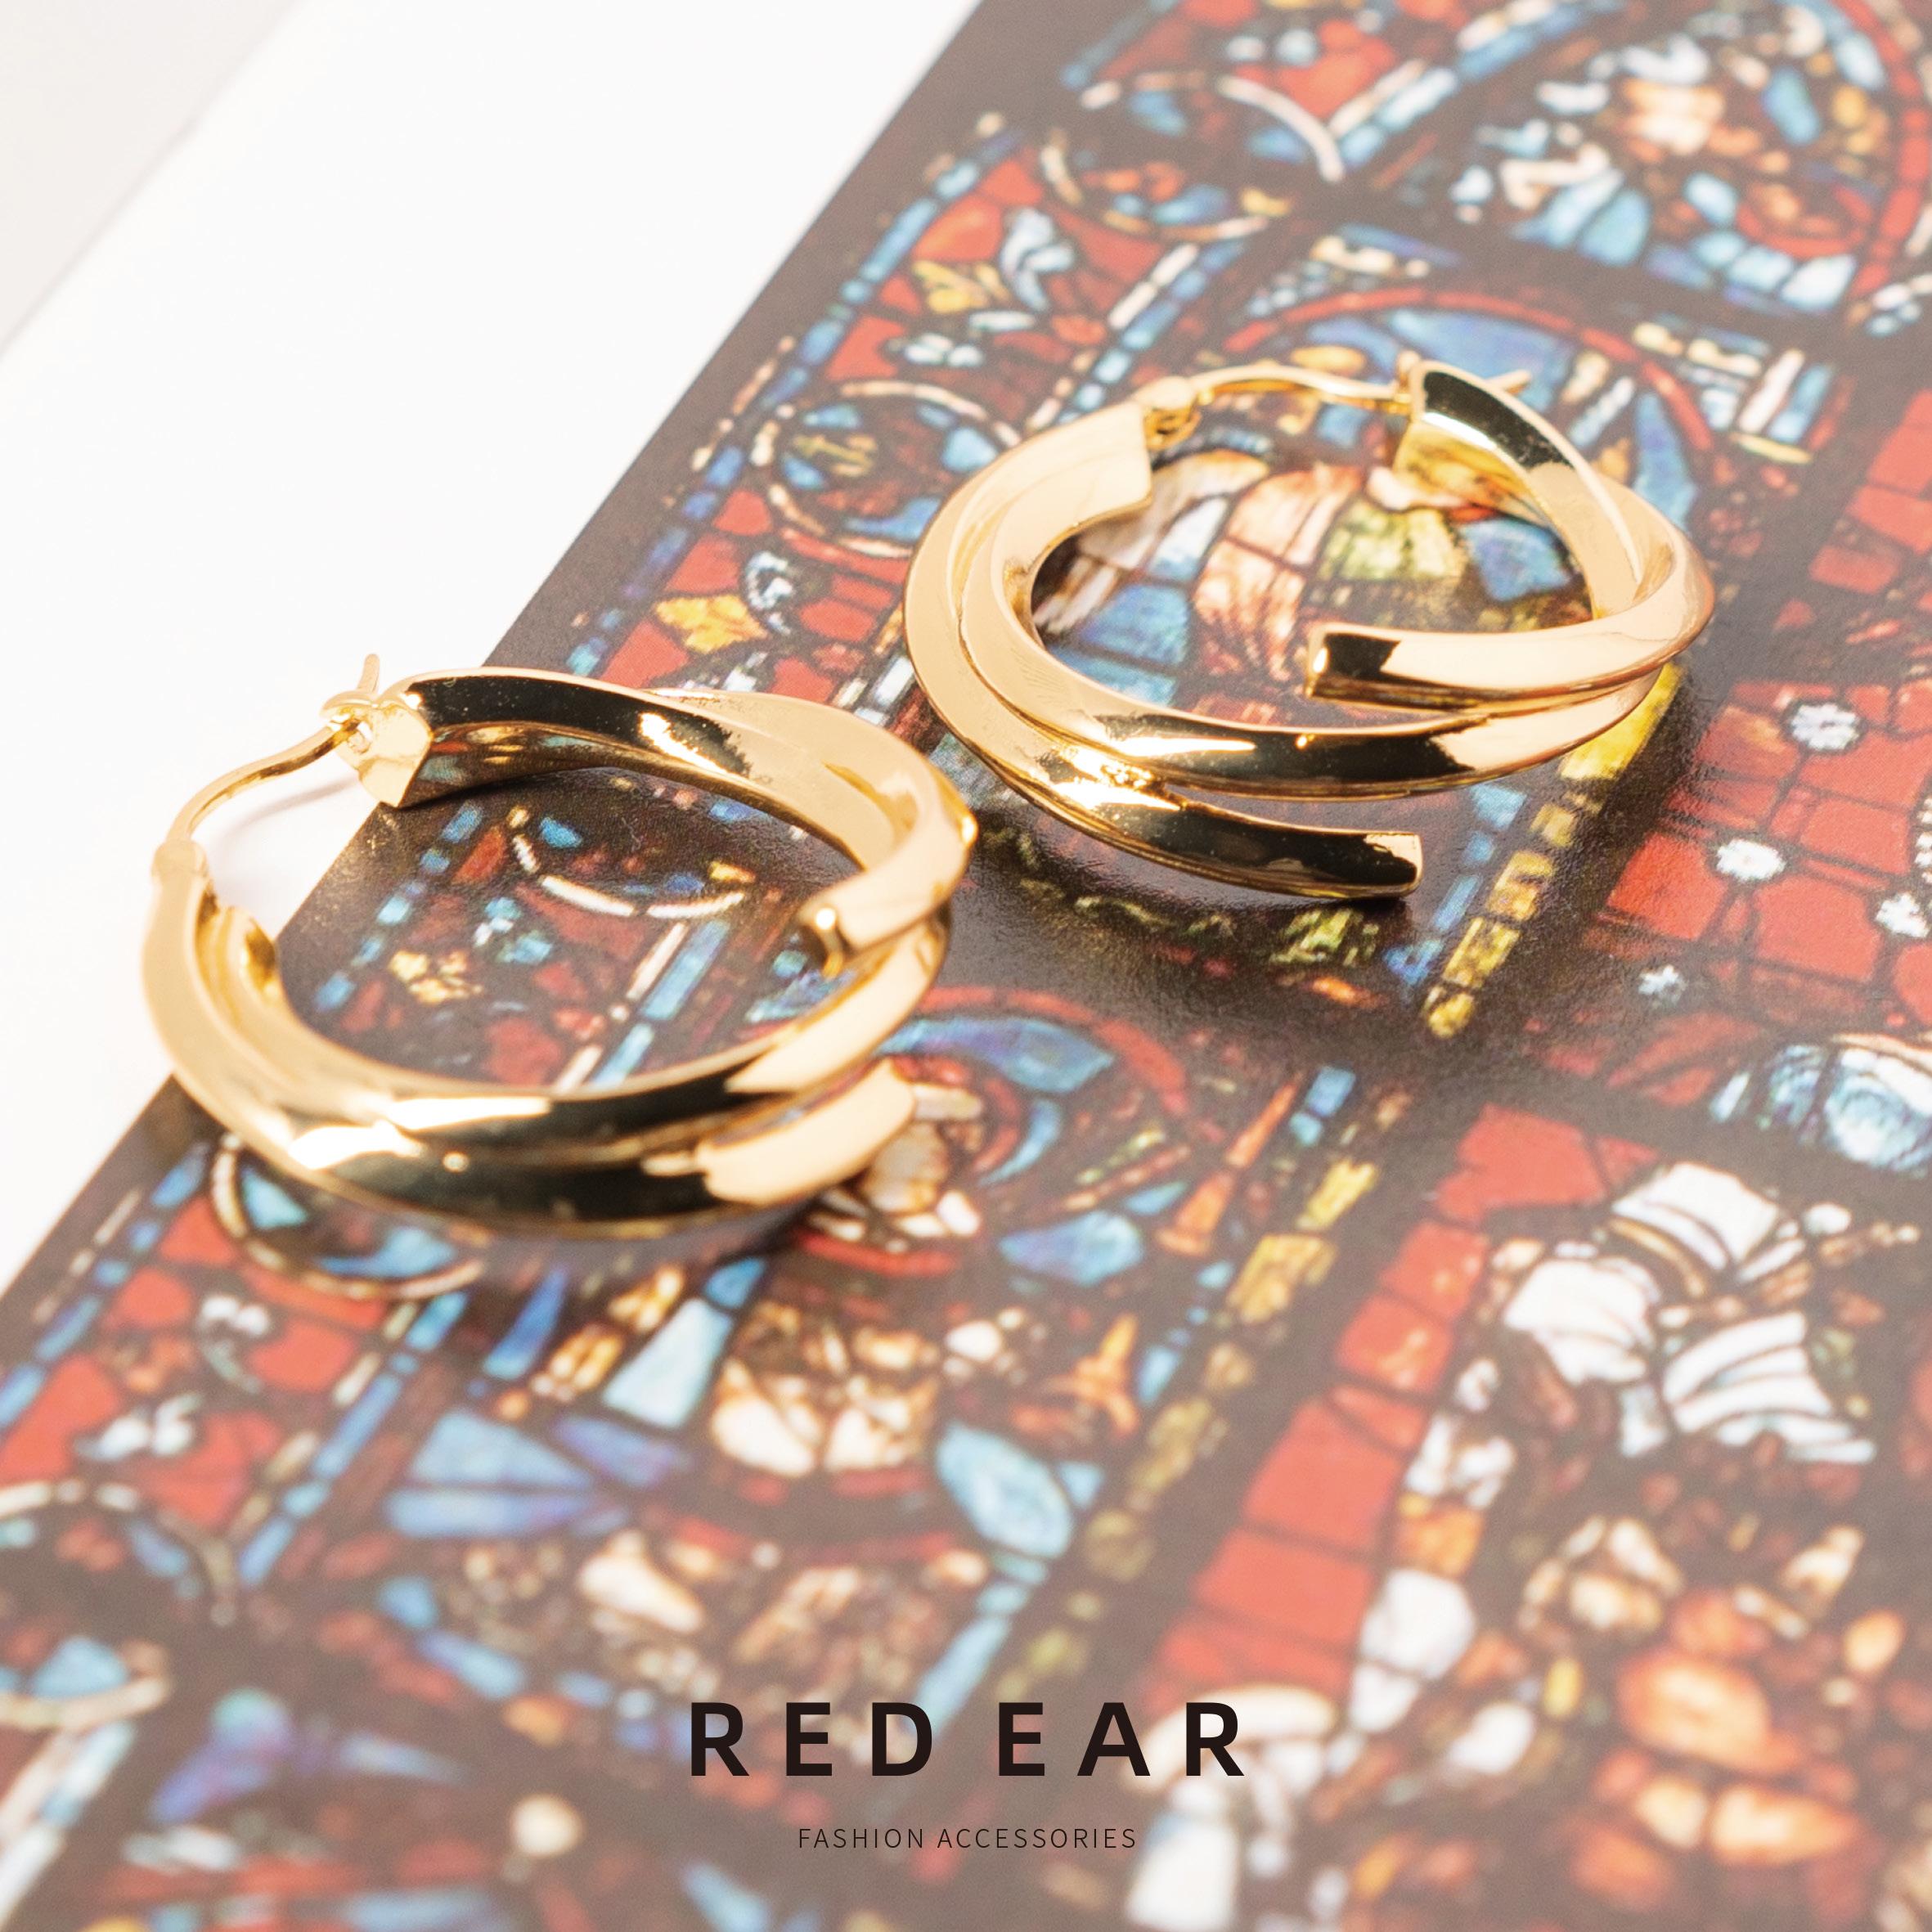 RED EAR欧美极简北欧风 艾克尼风格studio 小众设计 绕圈耳饰耳环